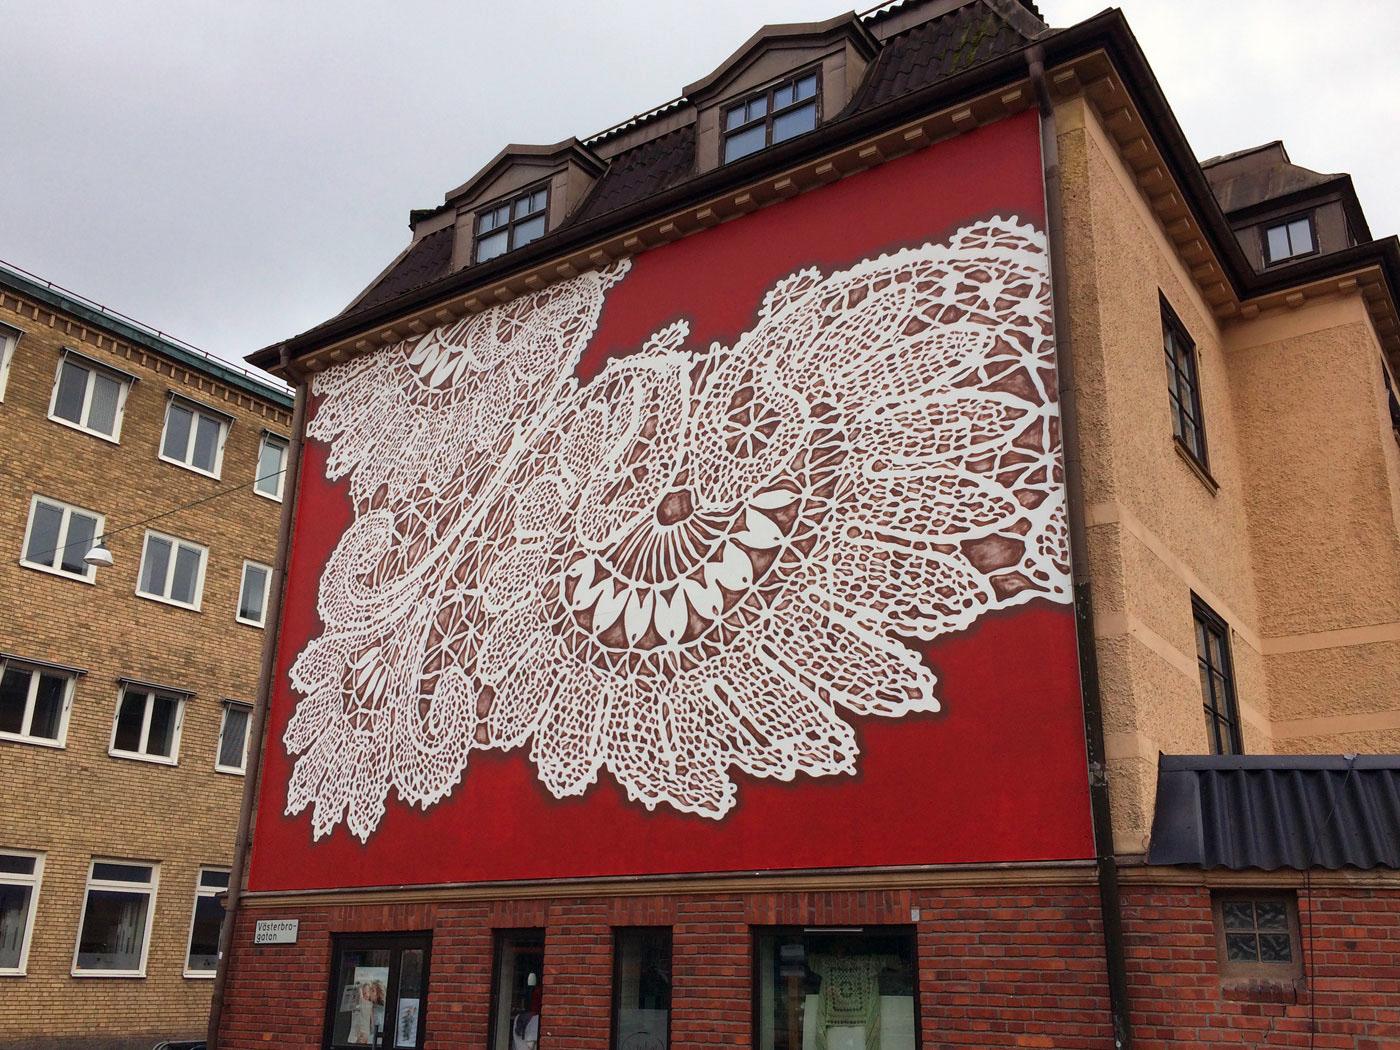 I muri ricamati nella street art di NeSpoon | Collater.al